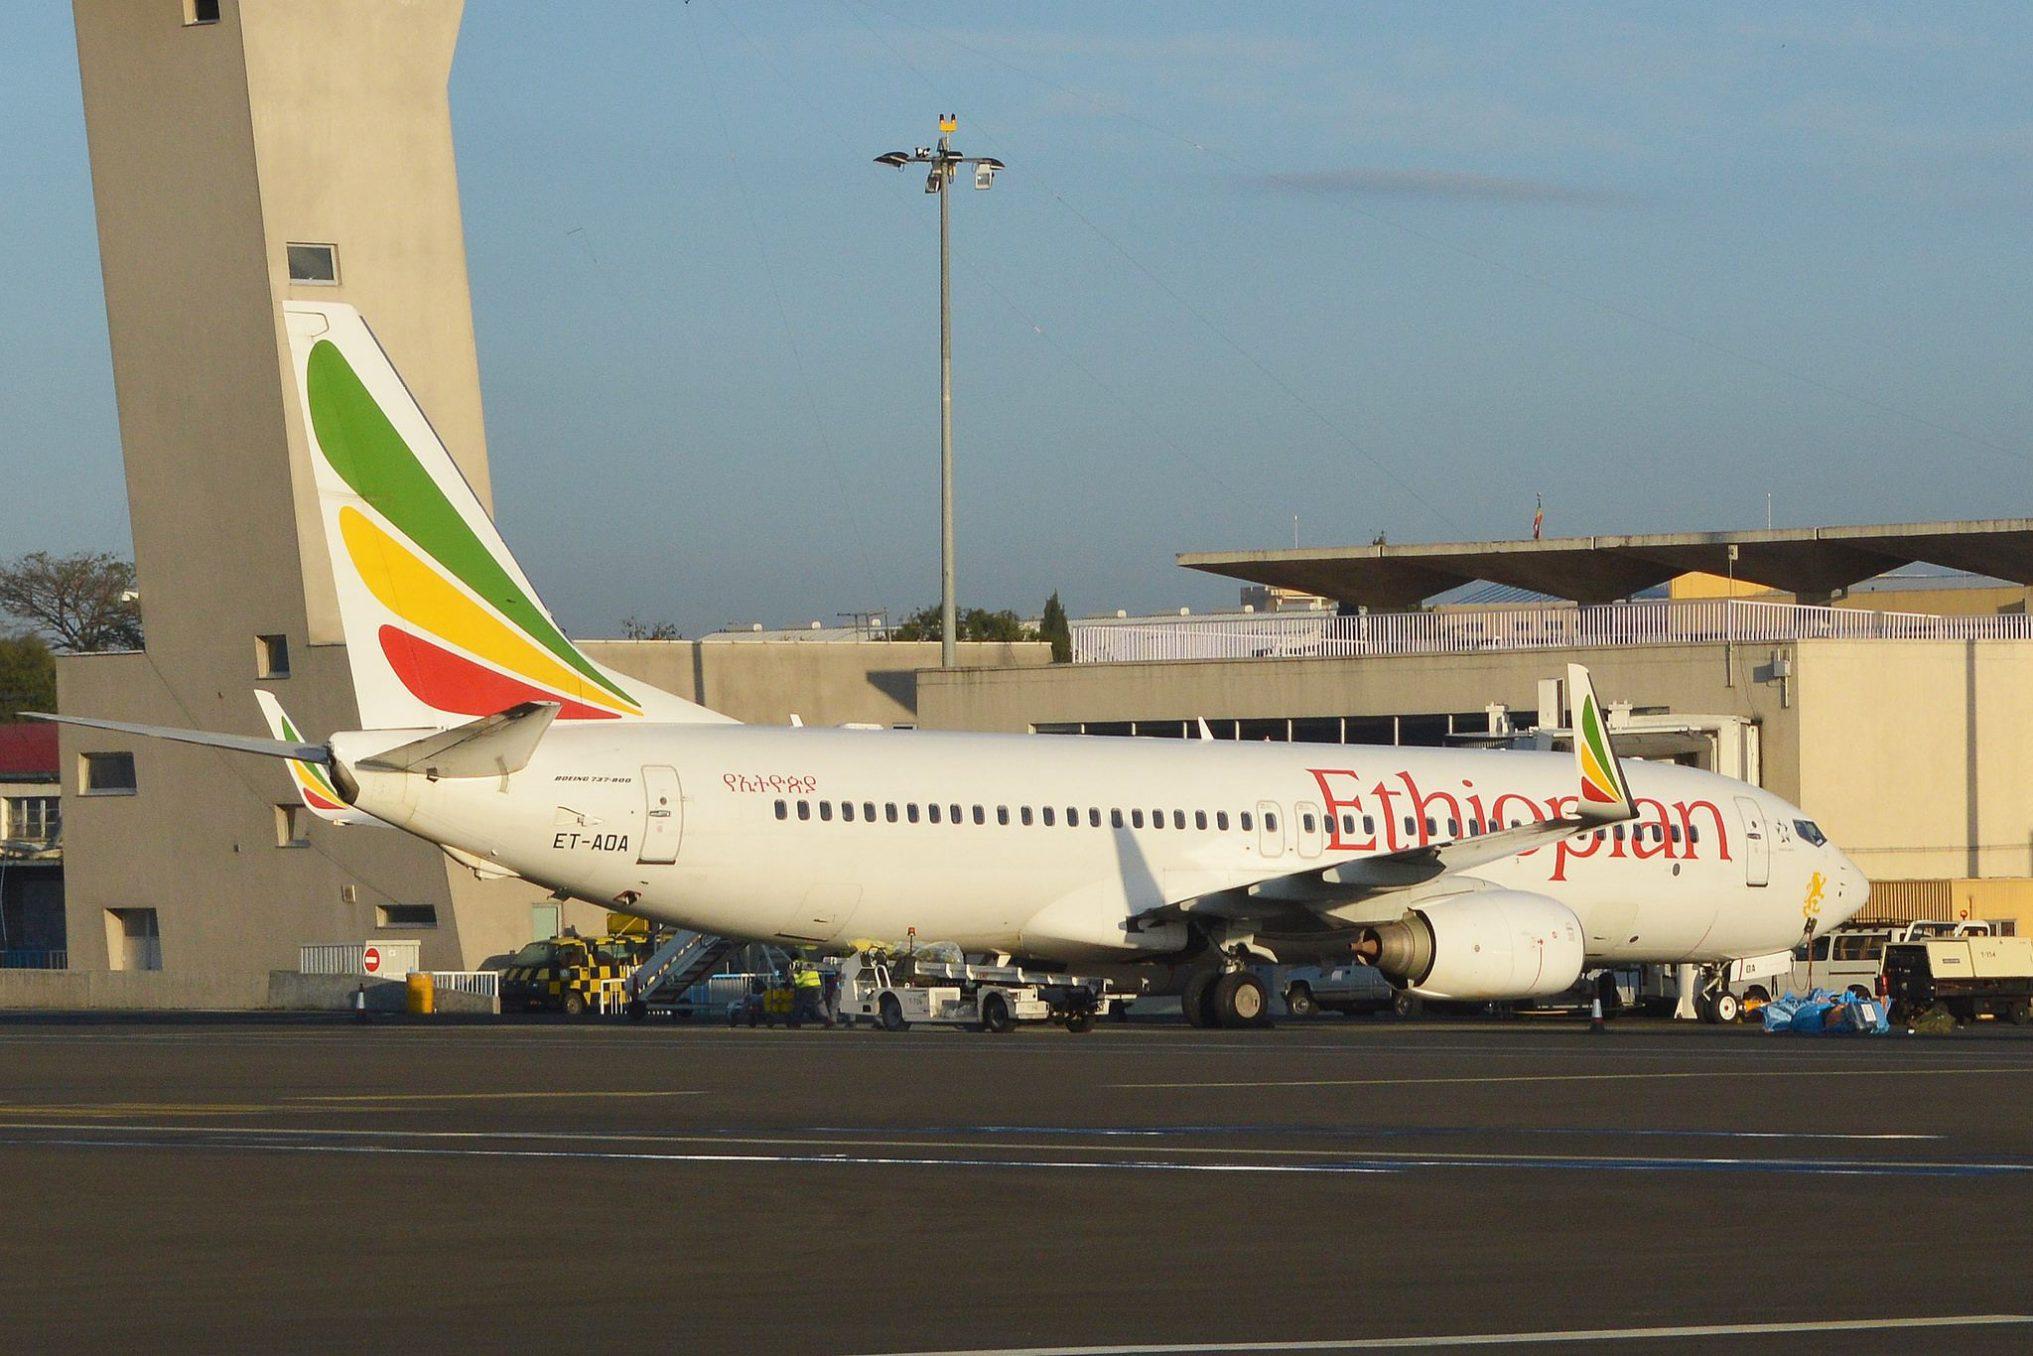 ethiopian airlines choisit safran pour r duire sa consommation de carburant aaf actualit. Black Bedroom Furniture Sets. Home Design Ideas